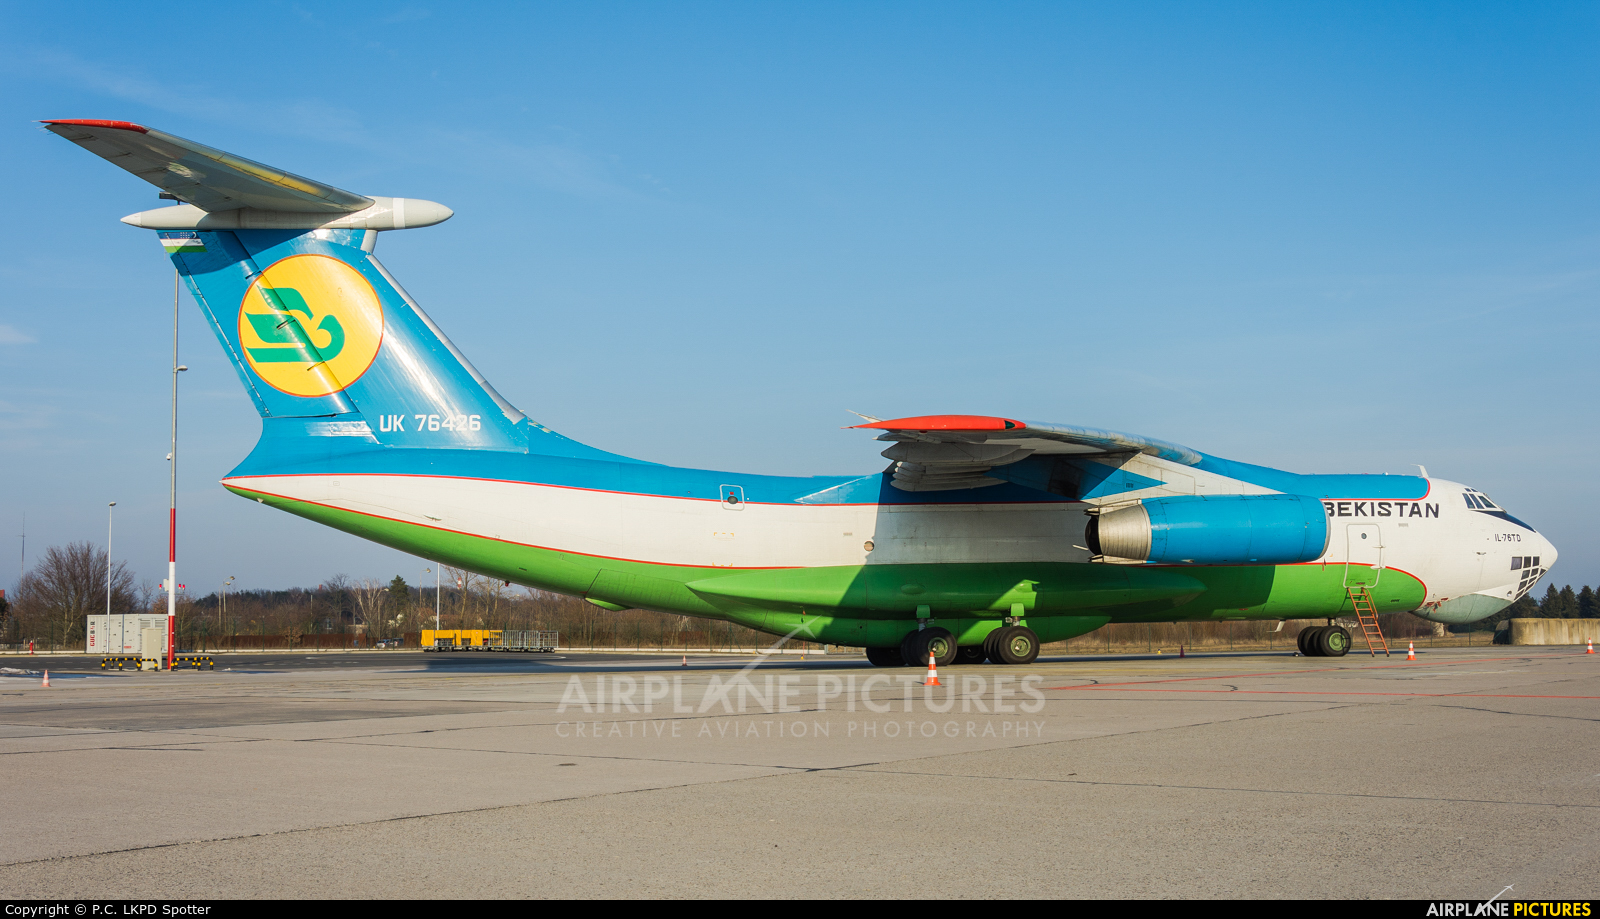 Uzbekistan Air Force UK-76426 aircraft at Pardubice